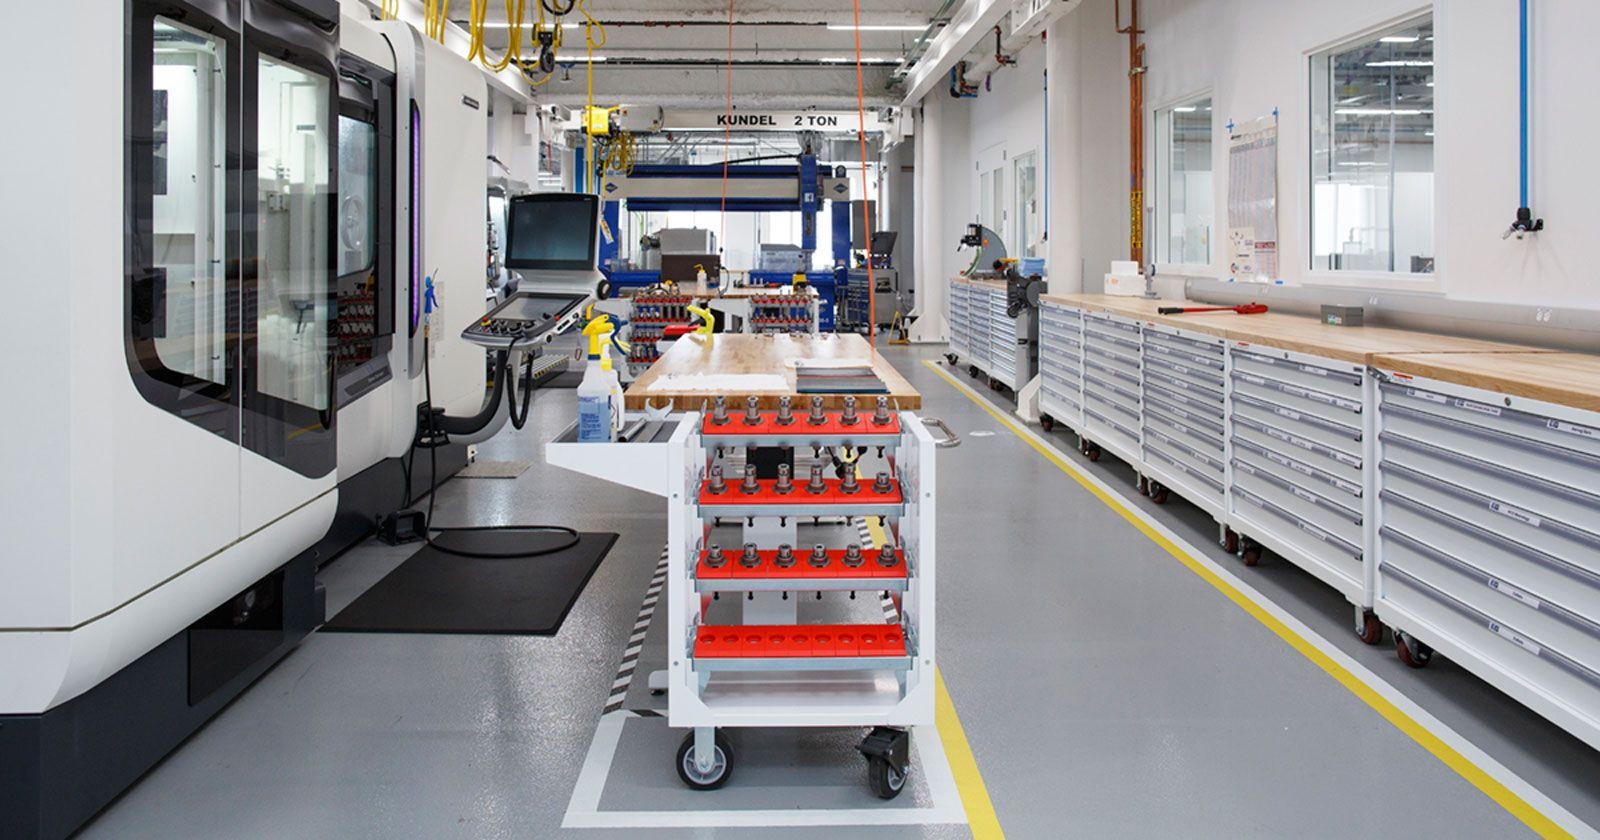 Facebook abre su fábrica de hardware Area 404 - ITespresso.es #FacebookPins